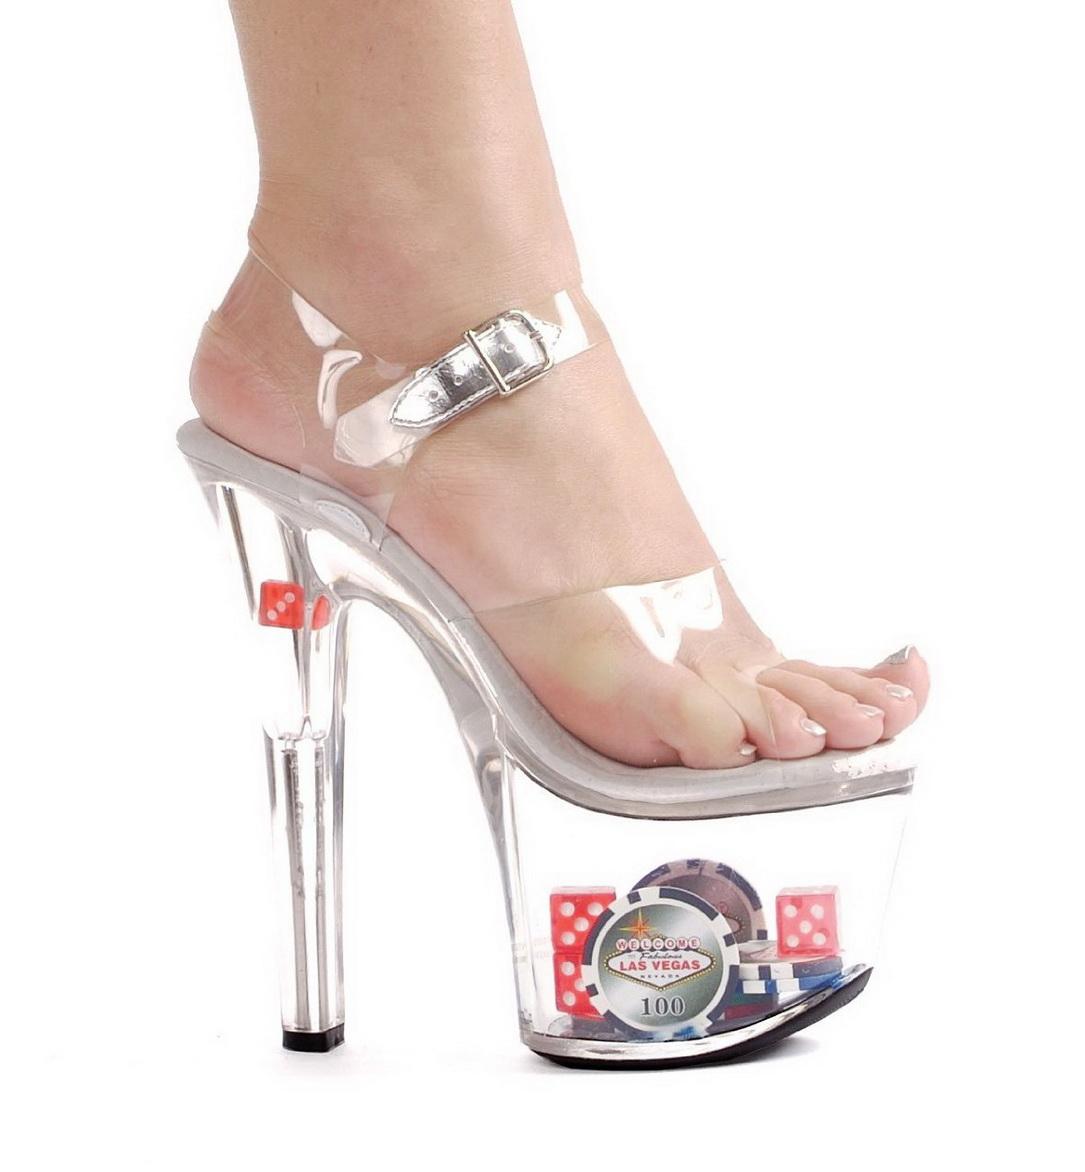 Casino shoe